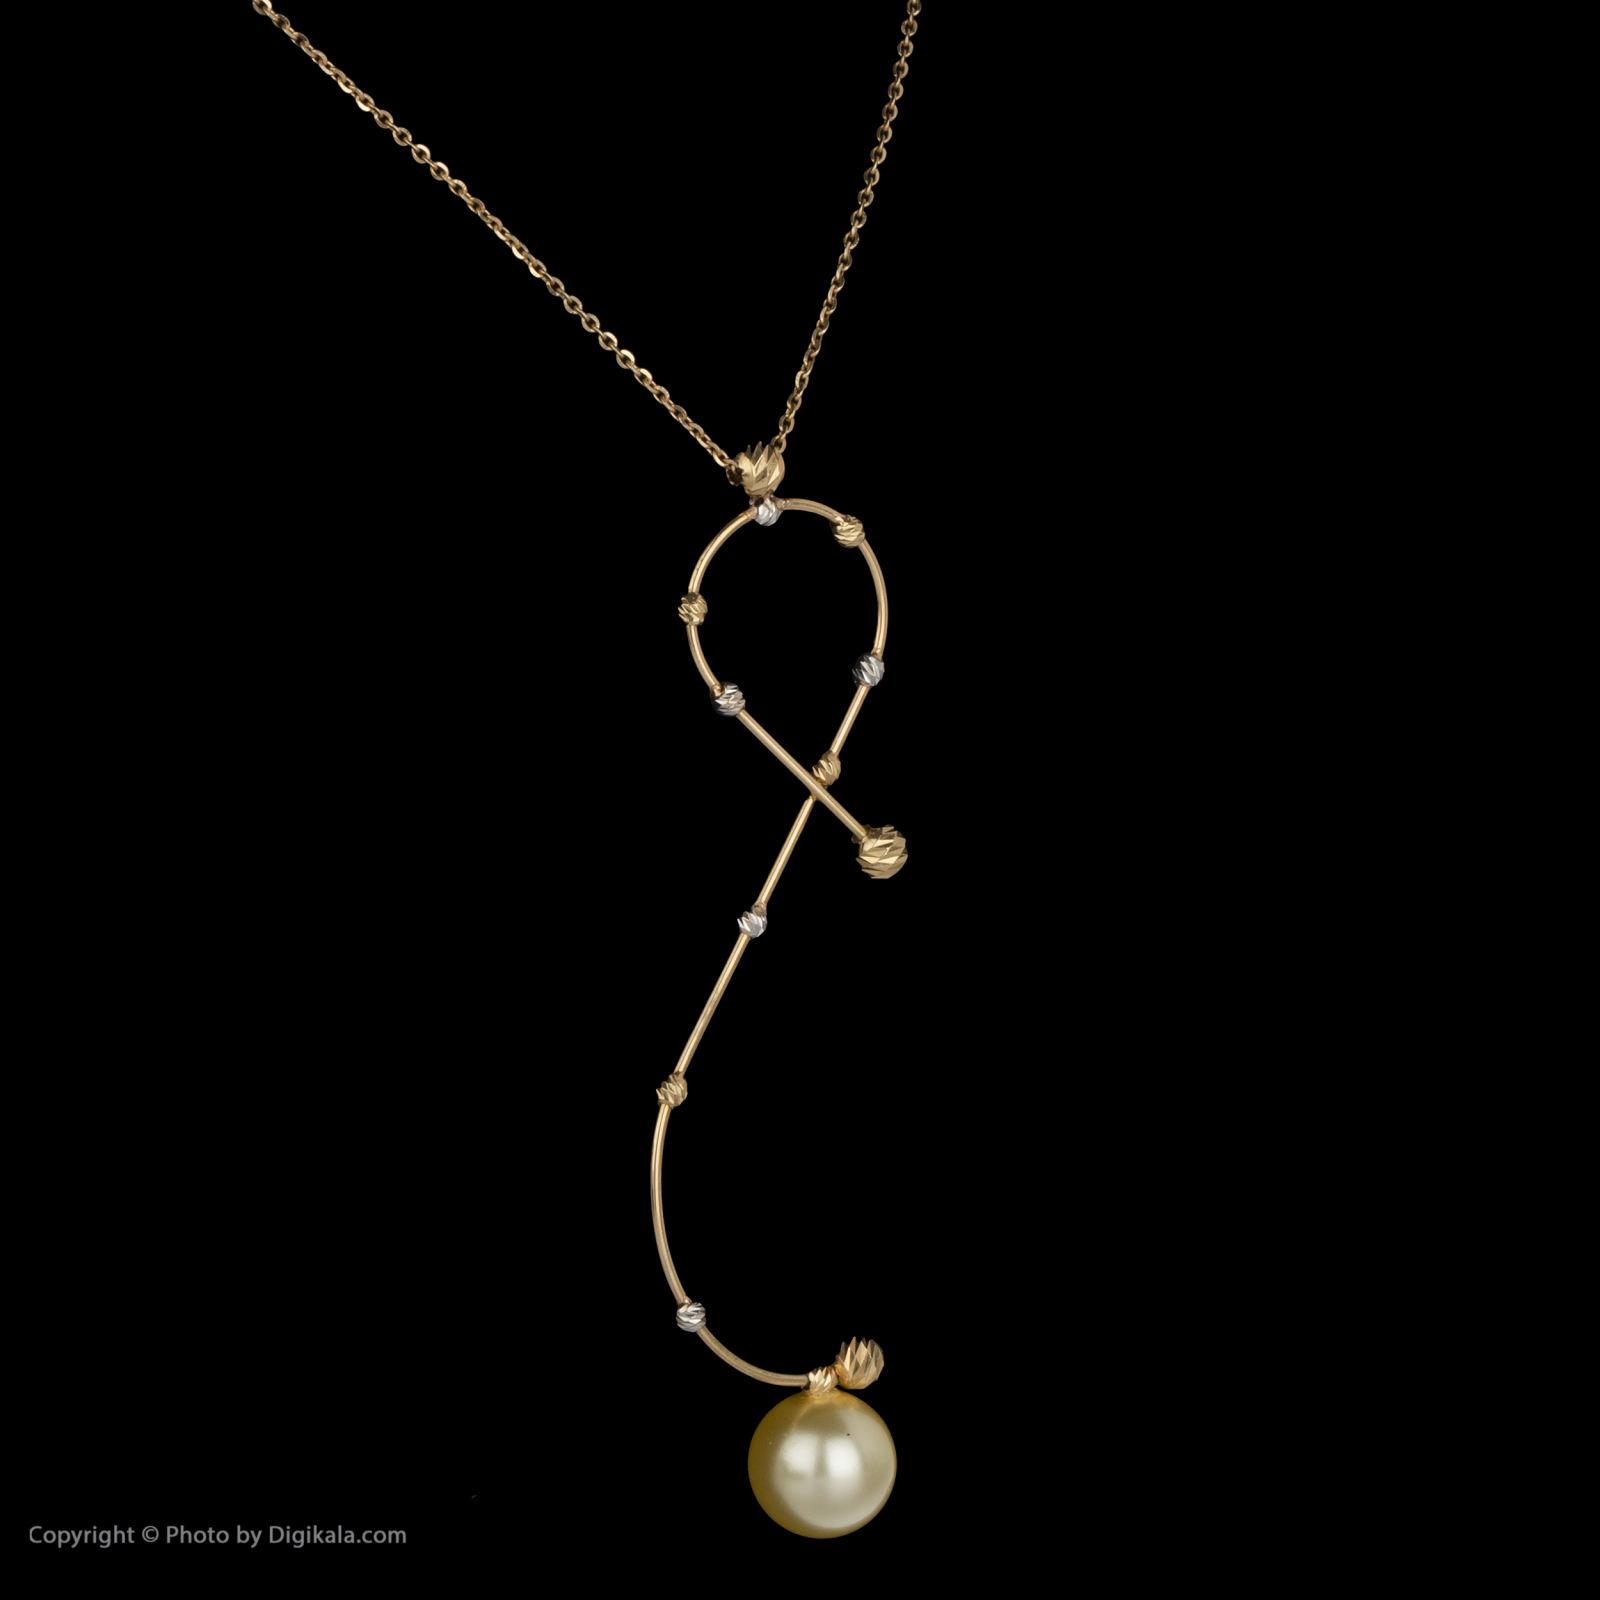 گردنبند طلا 18 عیار زنانه سیودو مدل 146856 -  - 4